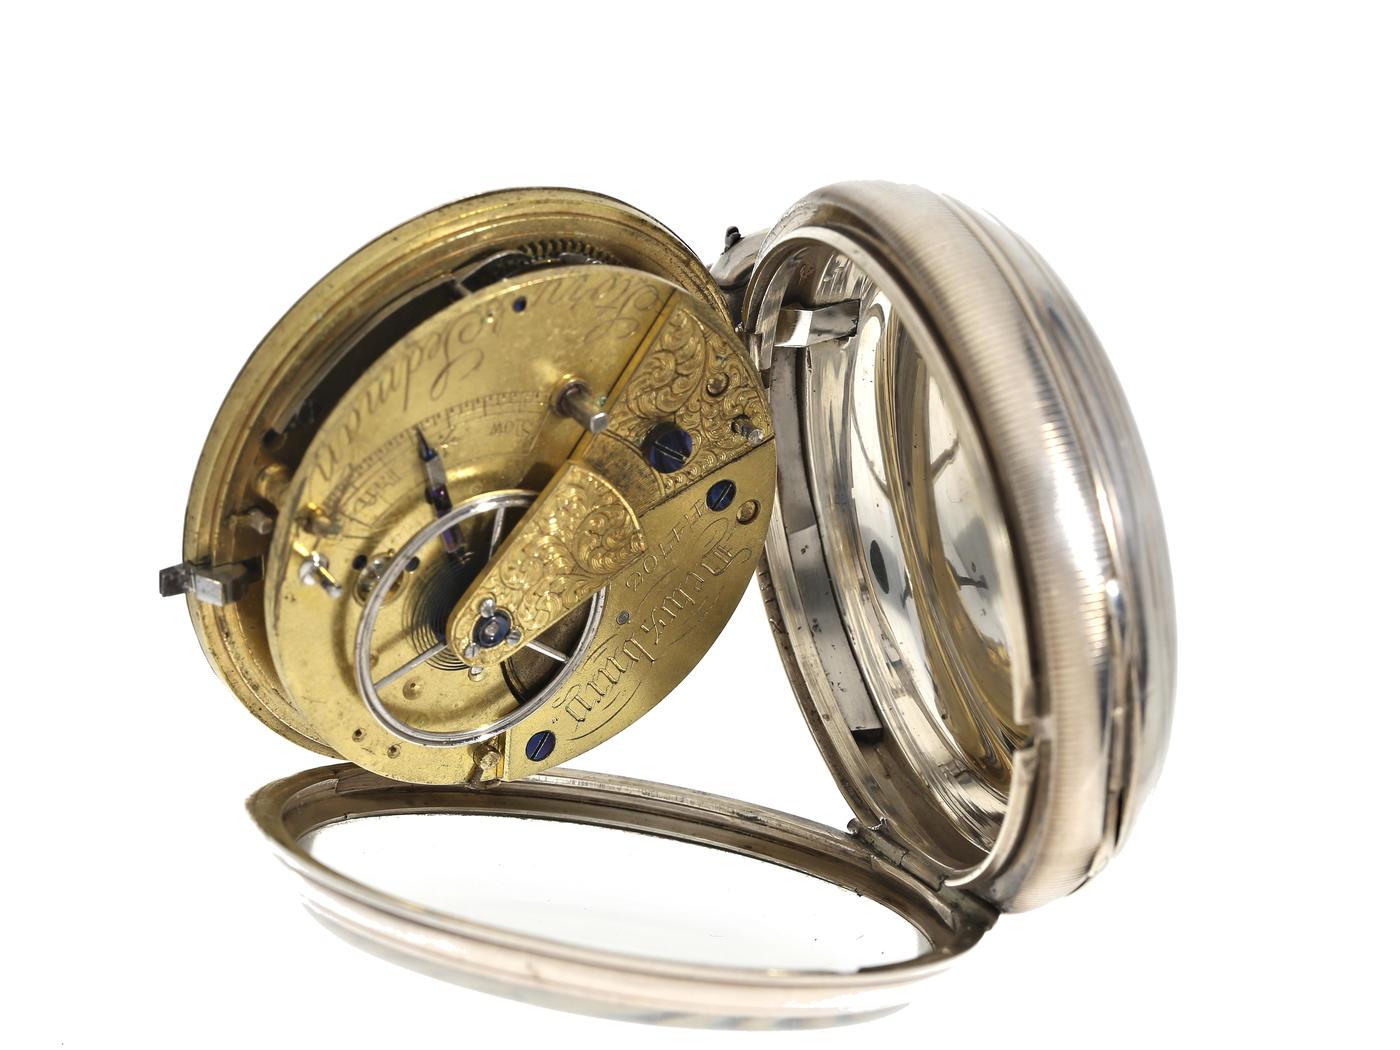 Taschenuhr: besonders schwere englische Taschenuhr mit ausgefallenem Champlevé-Zifferblatt aus - Bild 3 aus 3